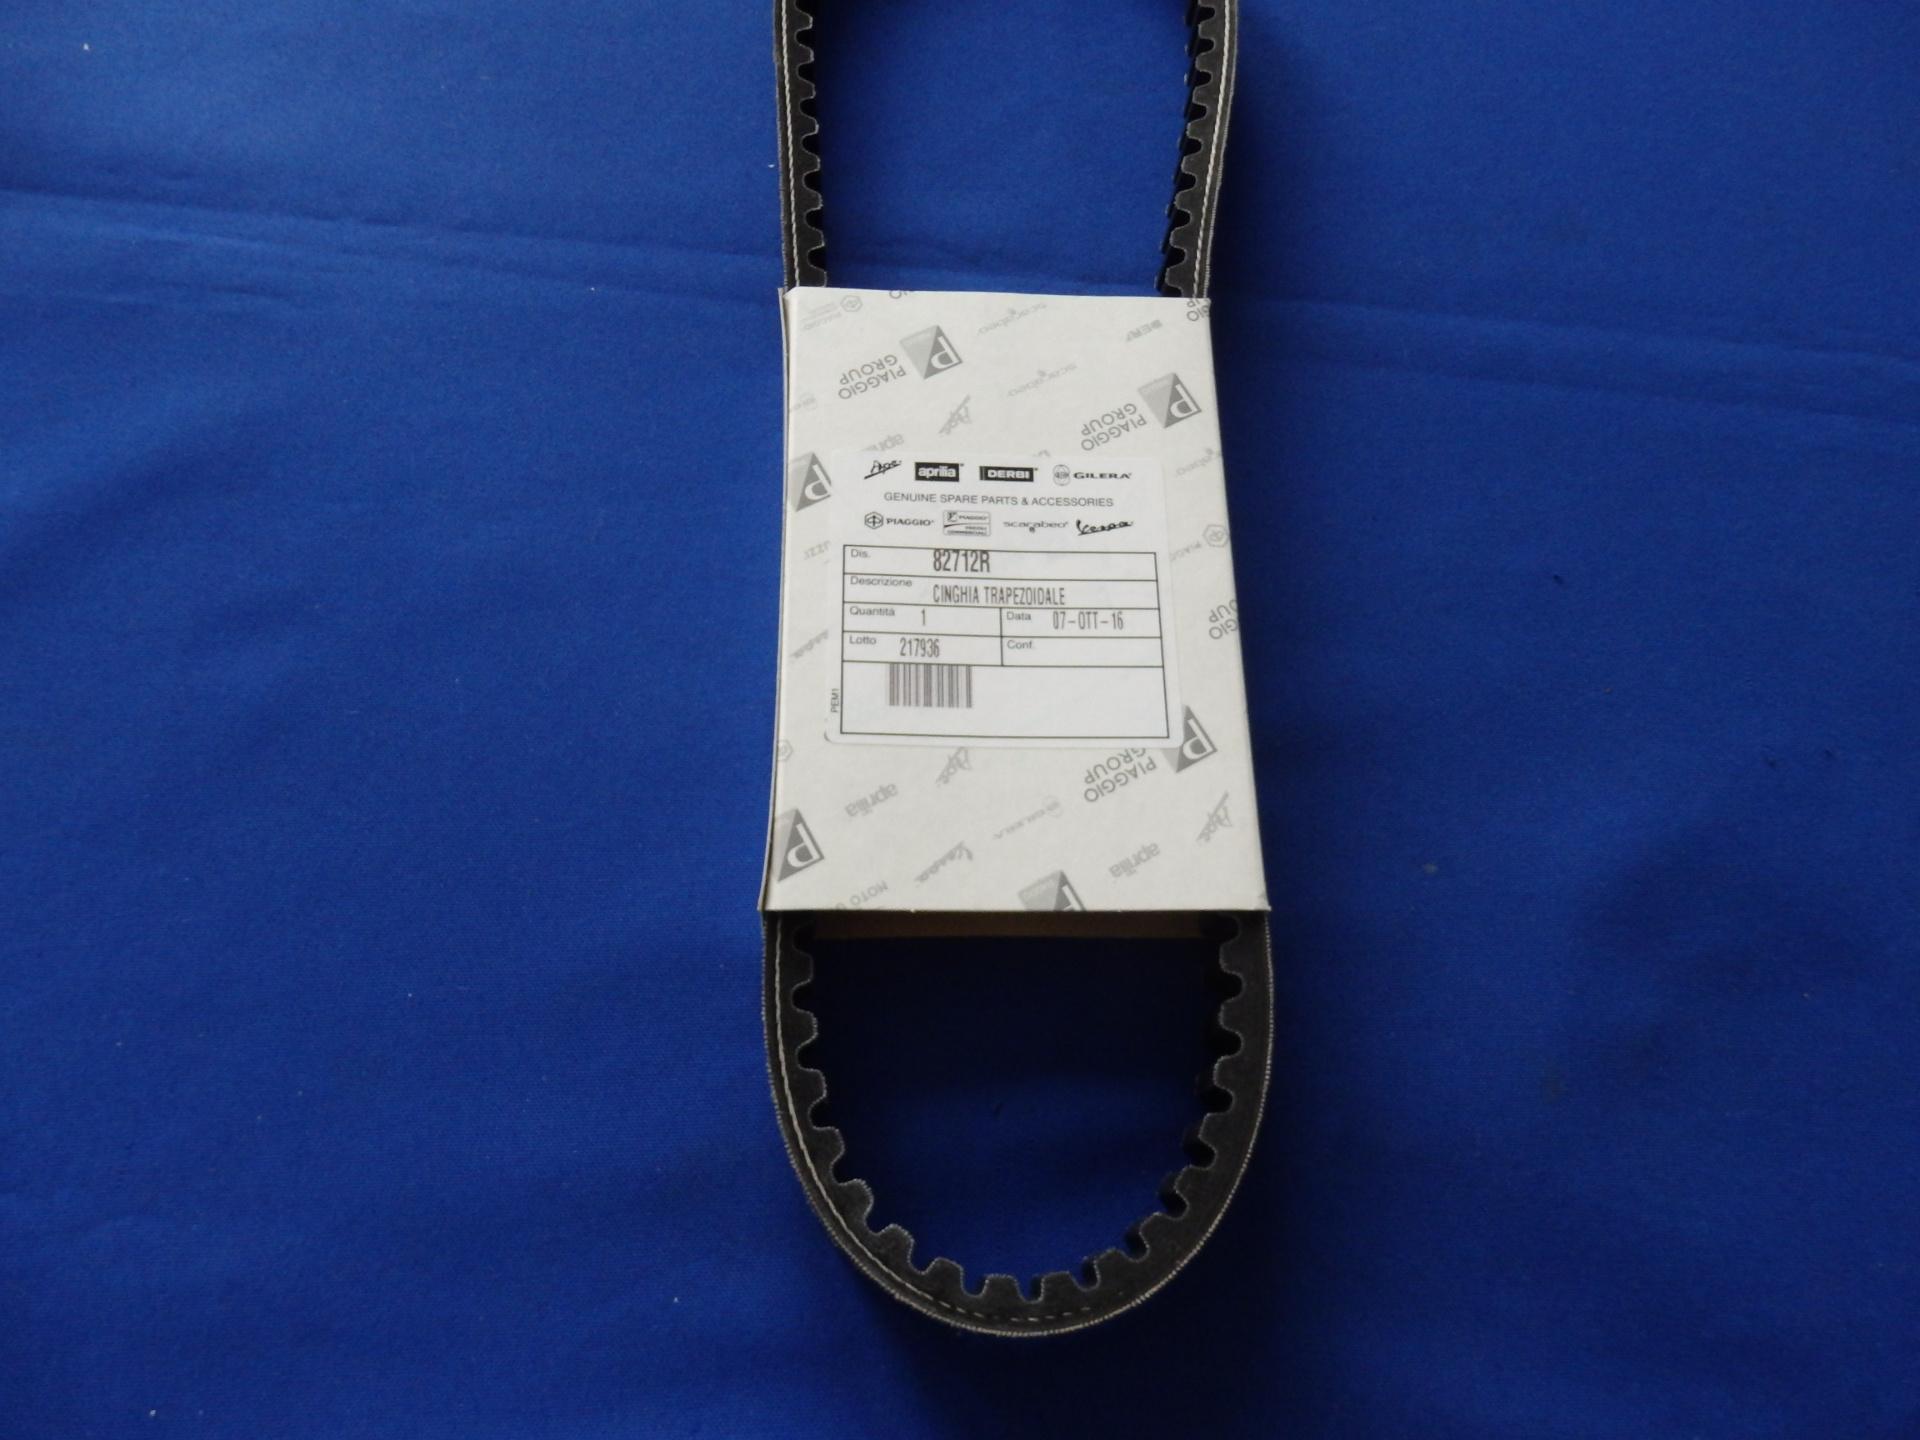 APRILIA SCARABEO Bordásszij Scarabeo 50 4T,03-(480852vagy82712R)GY.szám - 6990 Ft